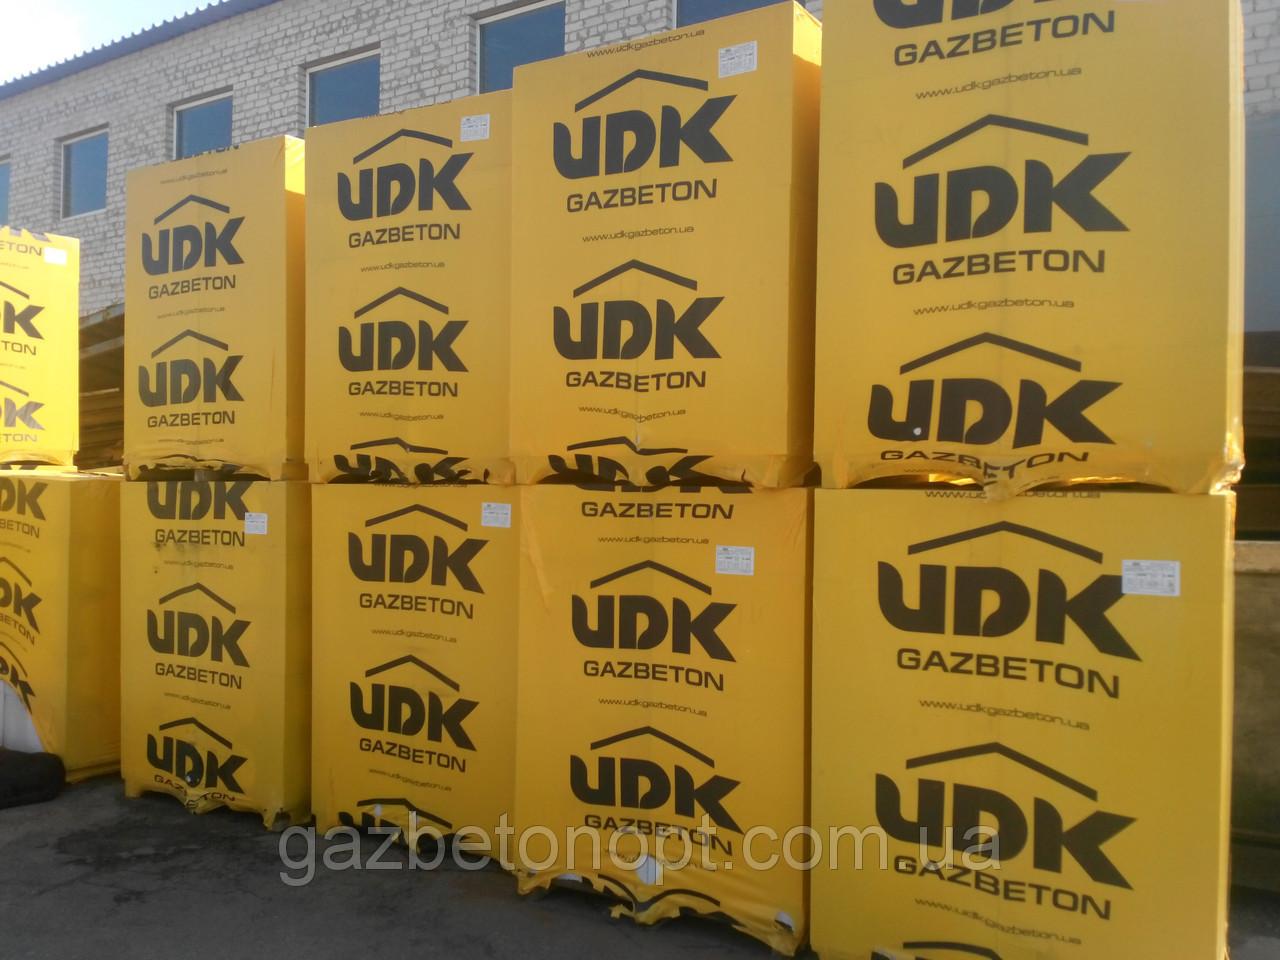 Газобетон, Газоблок, Газобетонные блоки ЮДК (UDK) 600*100*200 D500 - Материалы для строительства и отделки стен в Харькове